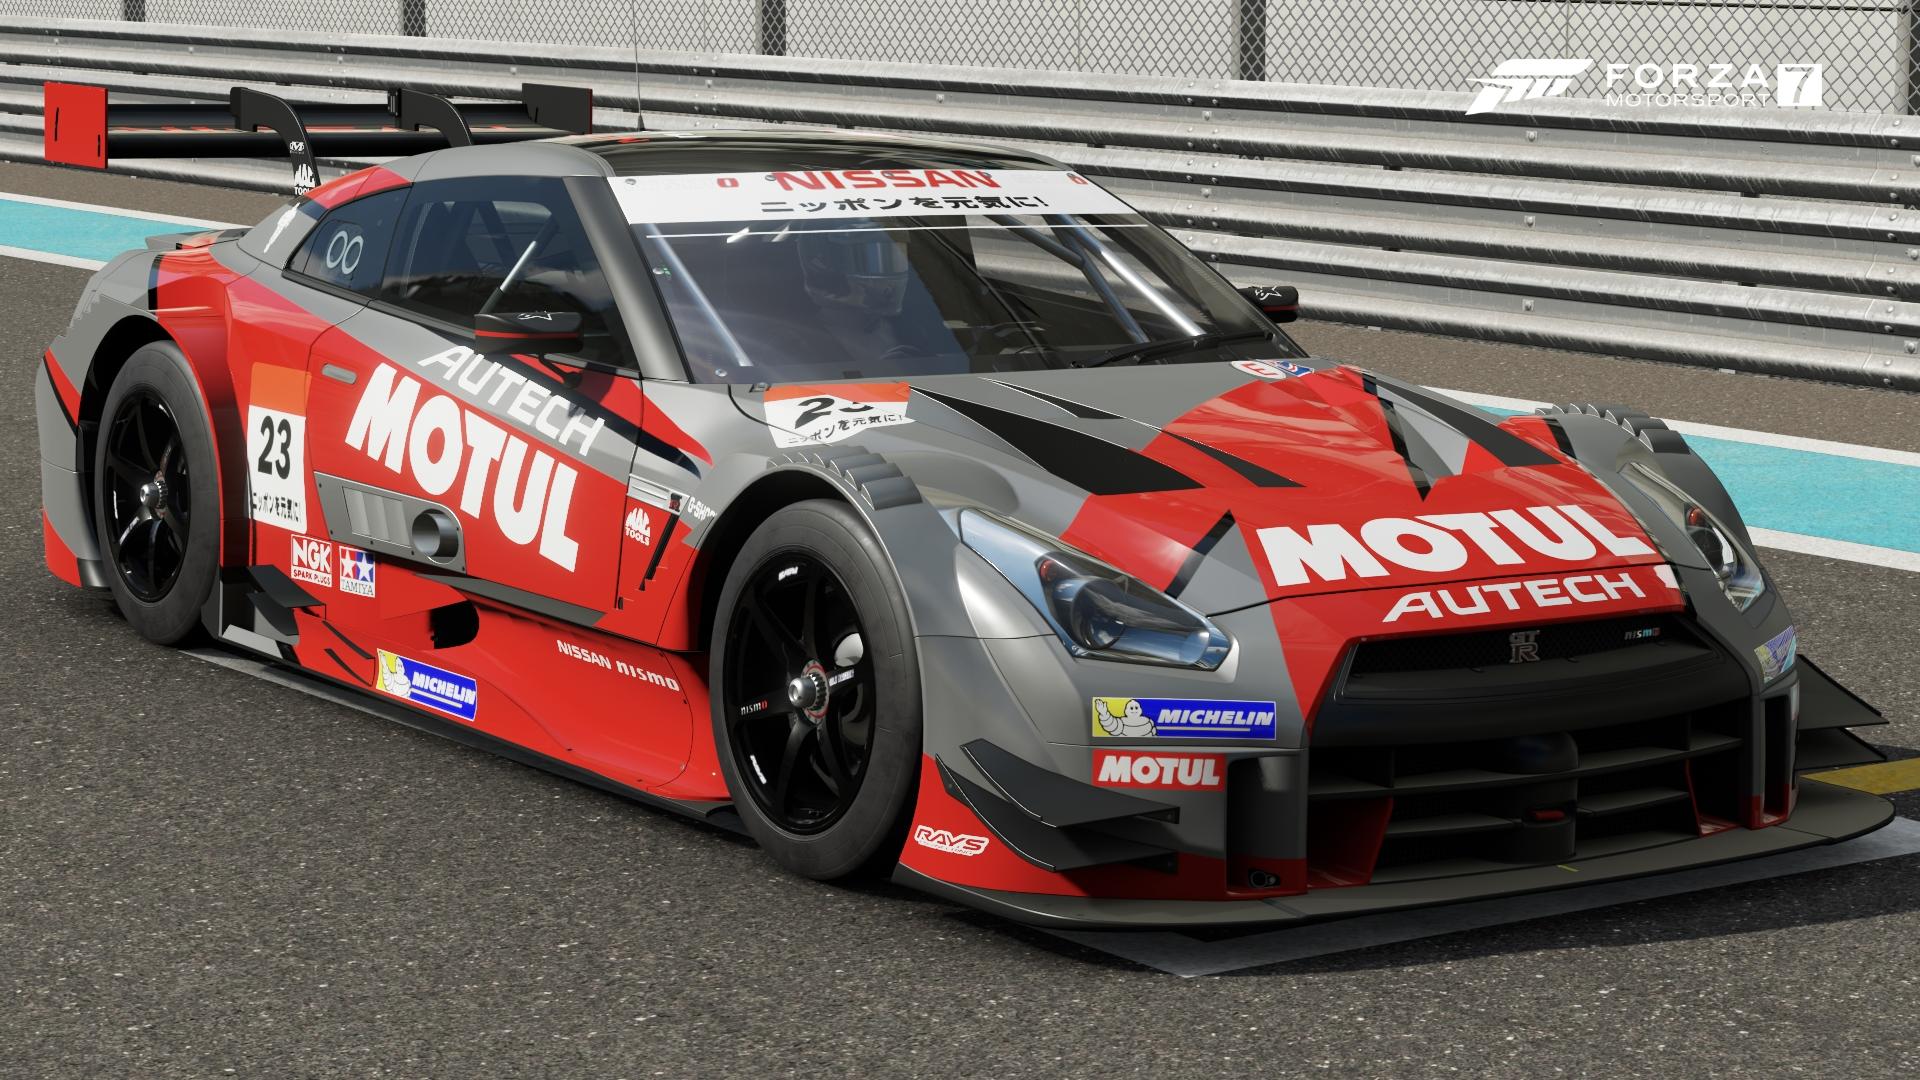 Nissan Nismo Motul Autech GT-R | Forza Motorsport Wiki ...